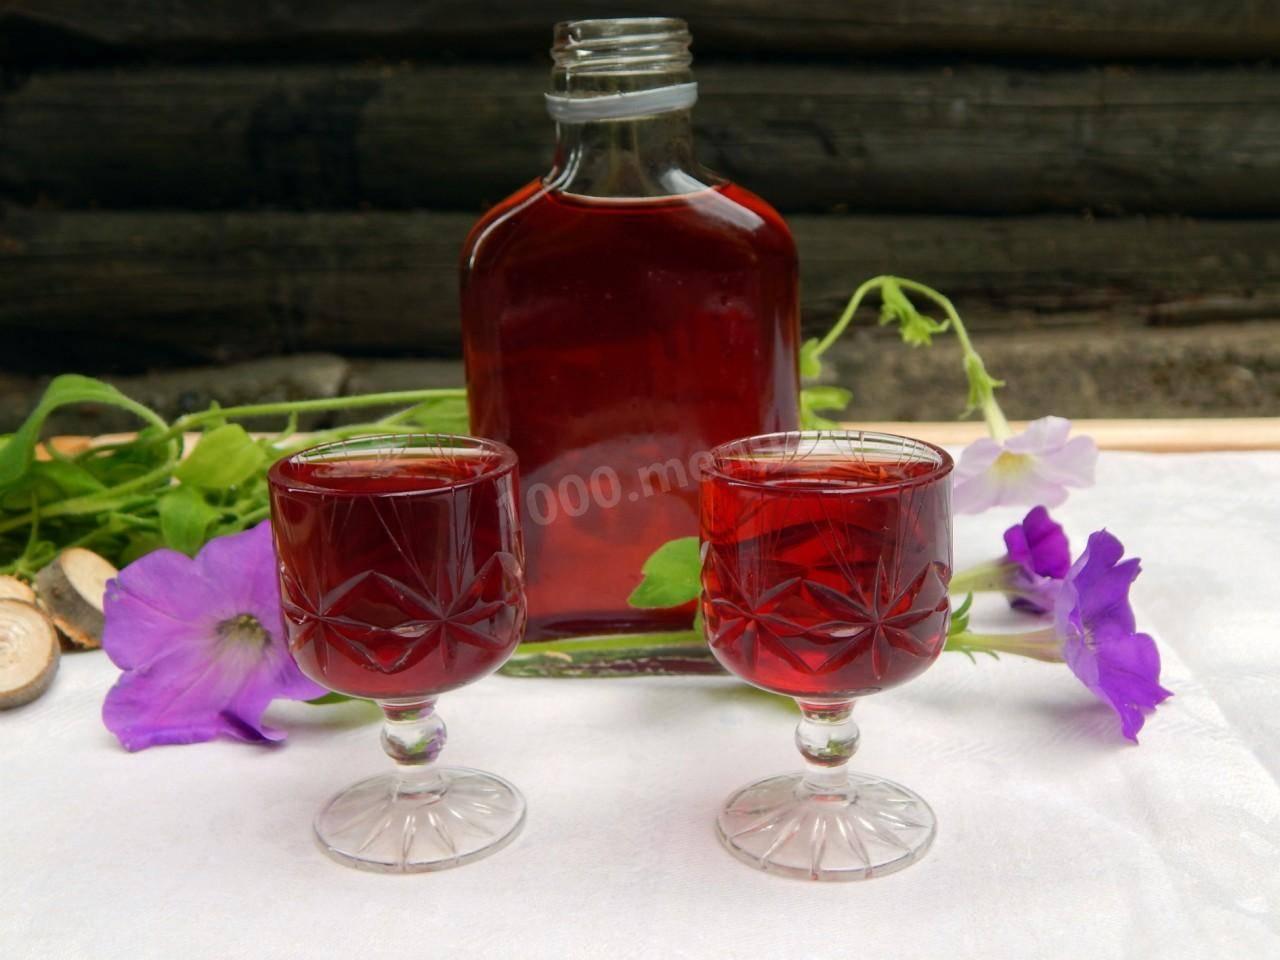 Рецепты настоек из ягодного варенья в домашних условиях – как правильно пить